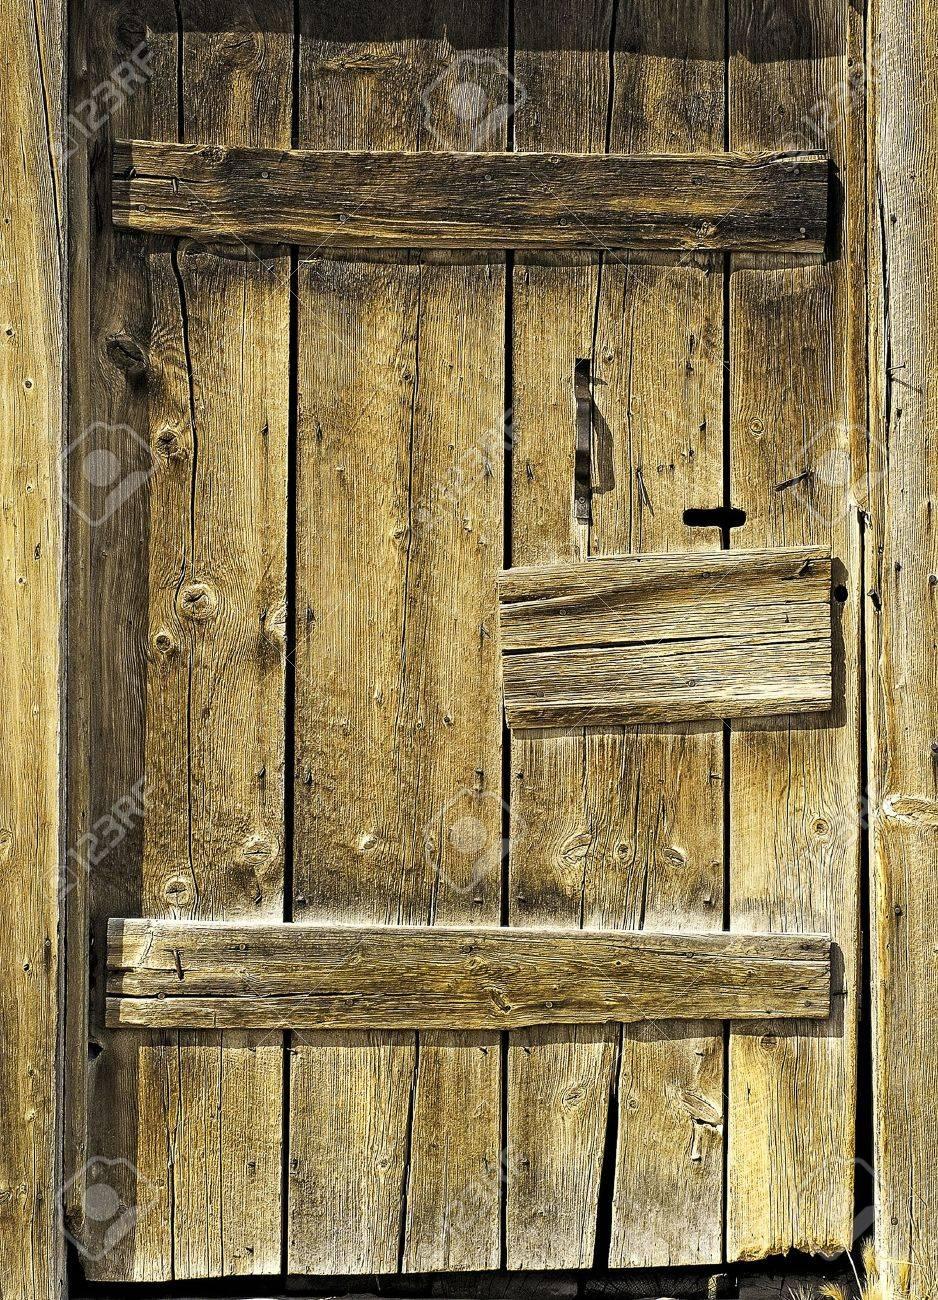 Rustic Barn Wood Door Stock Photo - 11233273